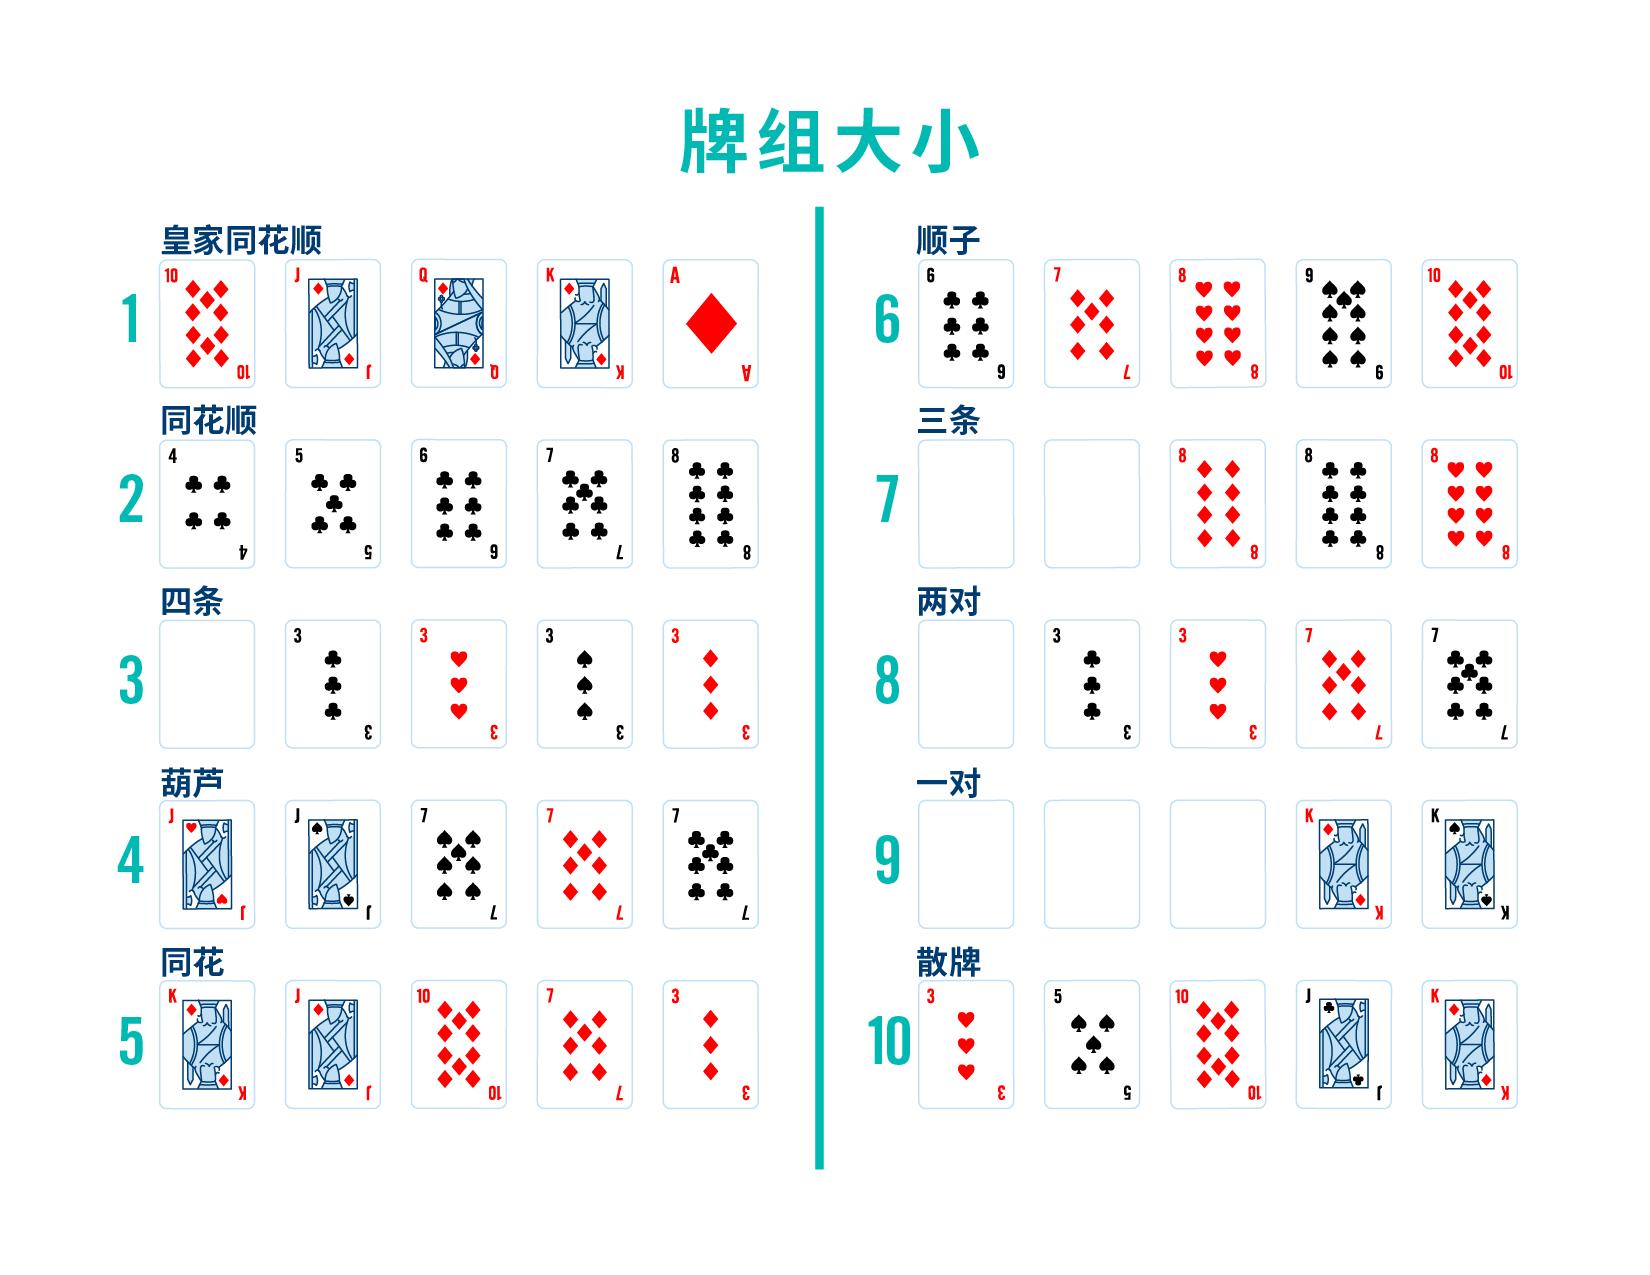 图片名为牌型排名。图中共有十行牌型组合,每行五张扑克,从高到低显示出所有牌型的排行